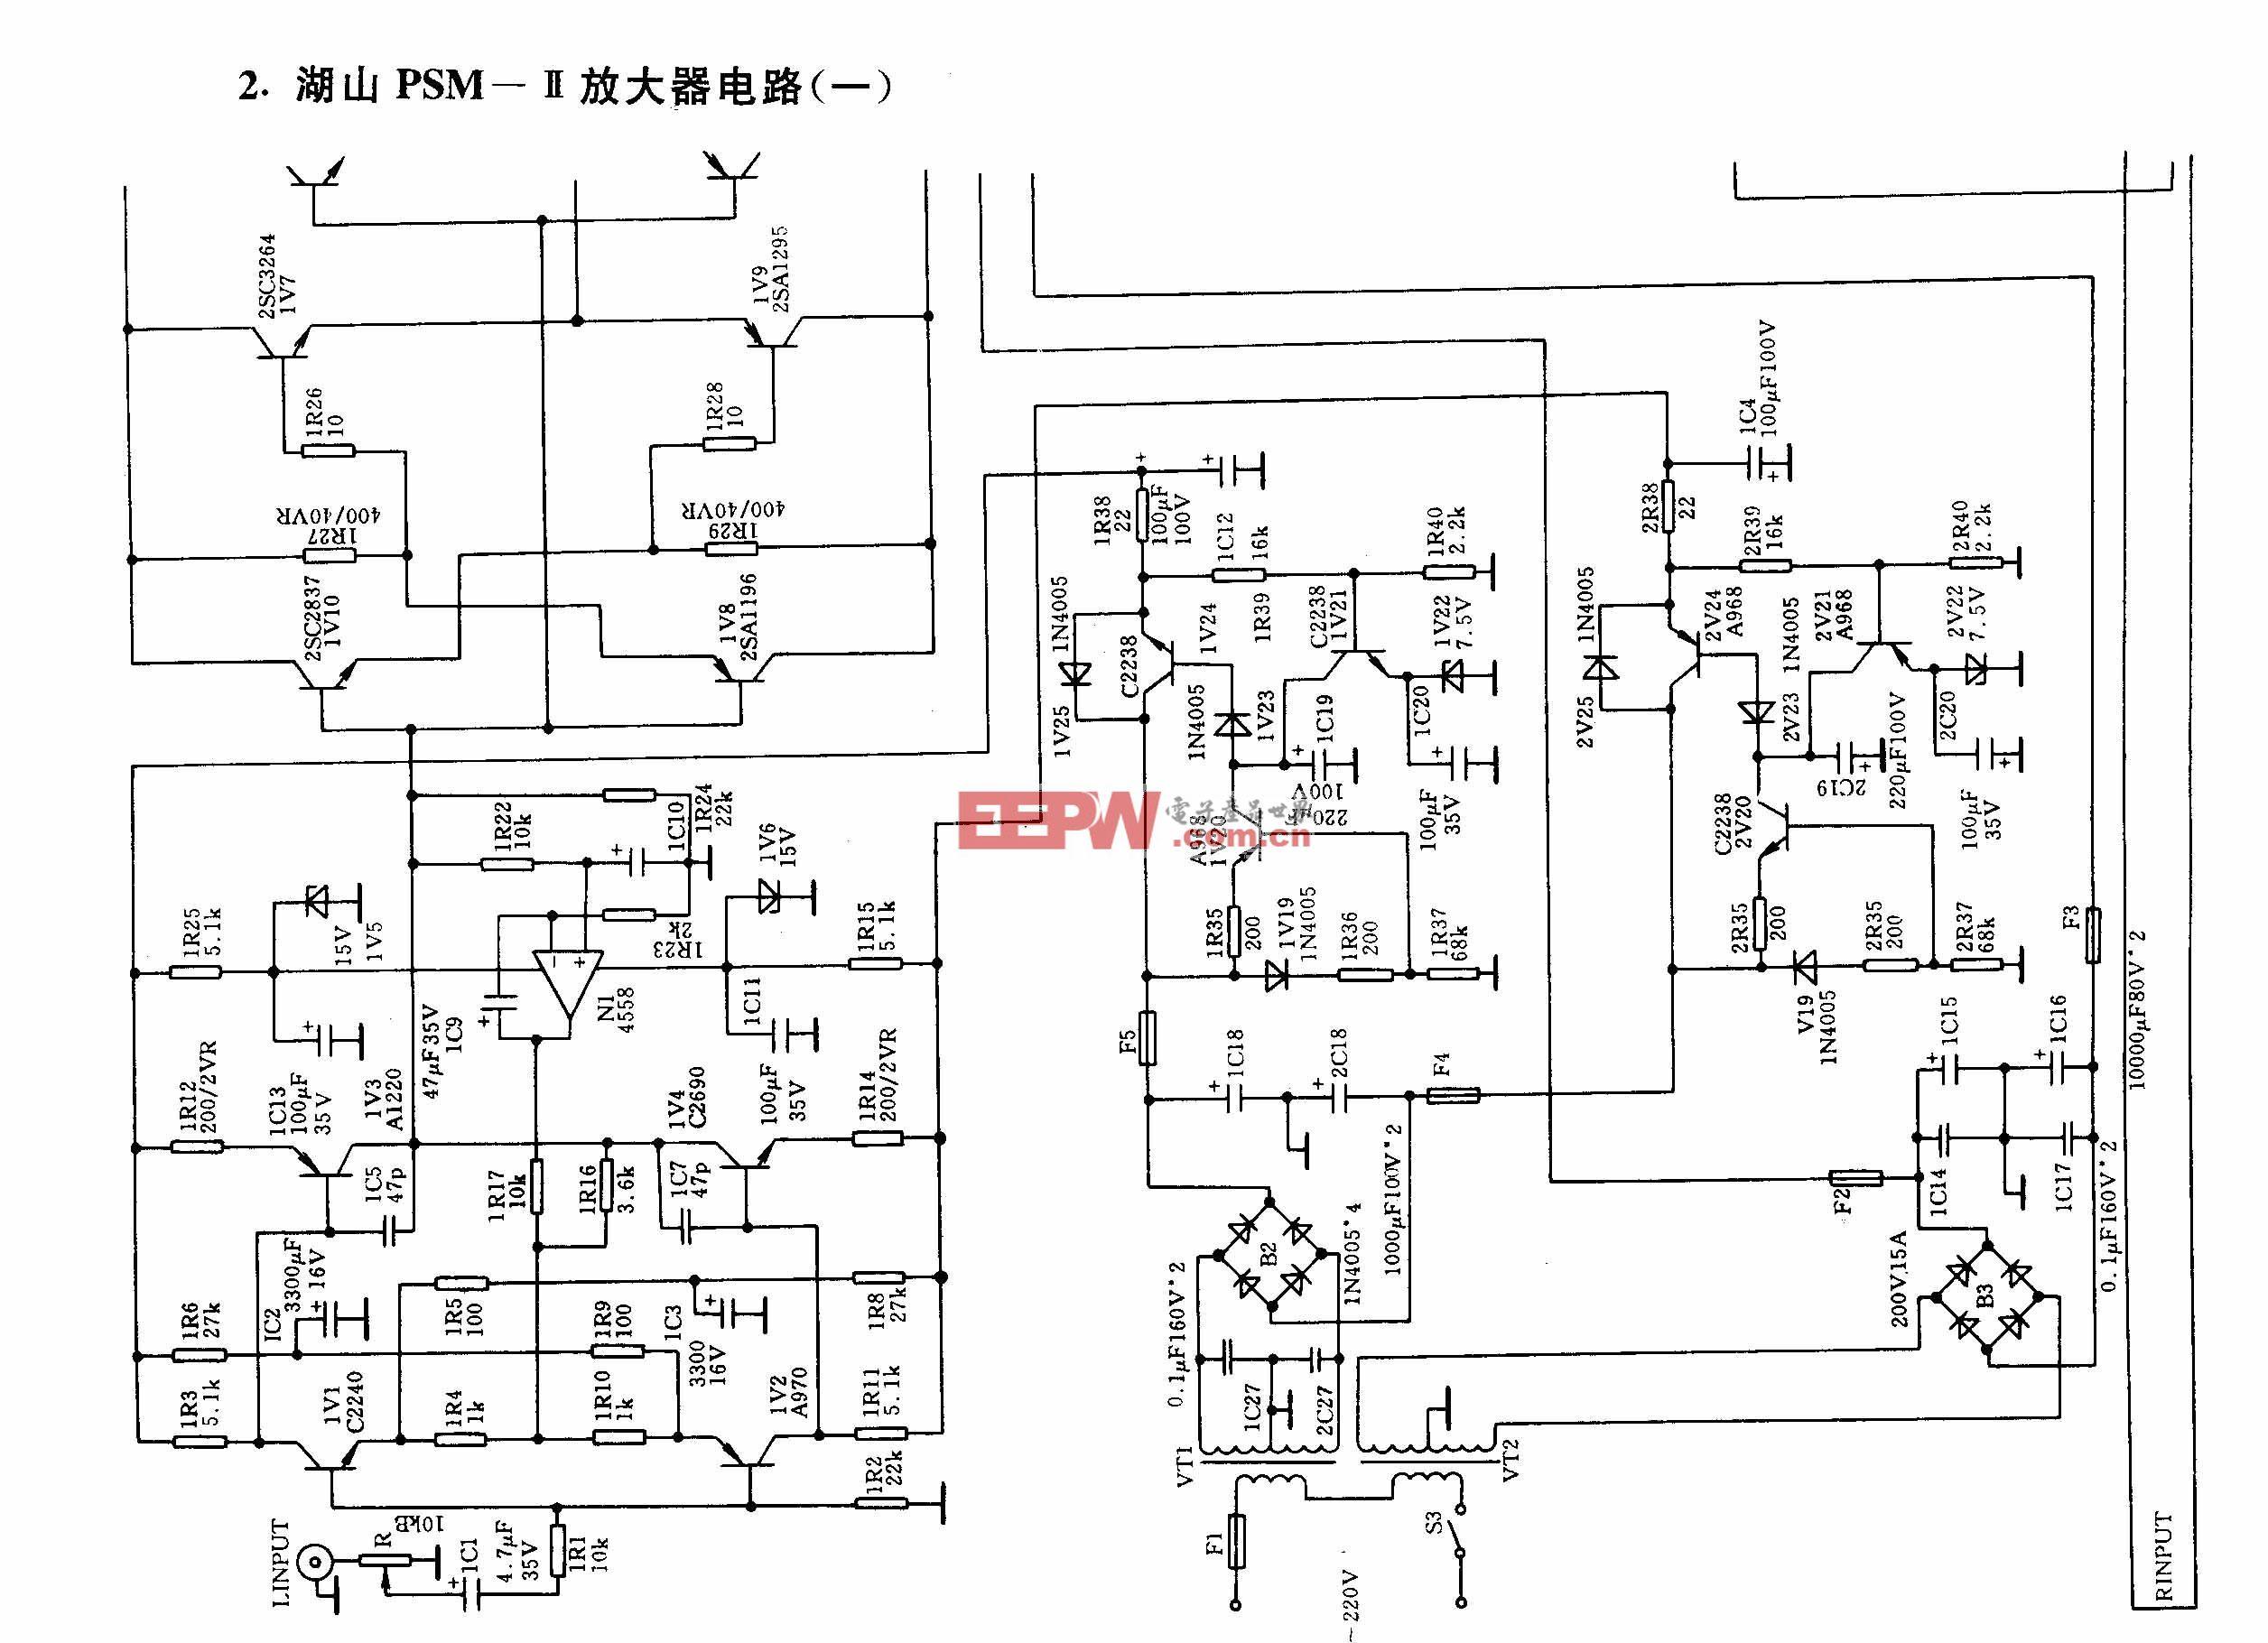 湖山PSM-II放大器电路(一)